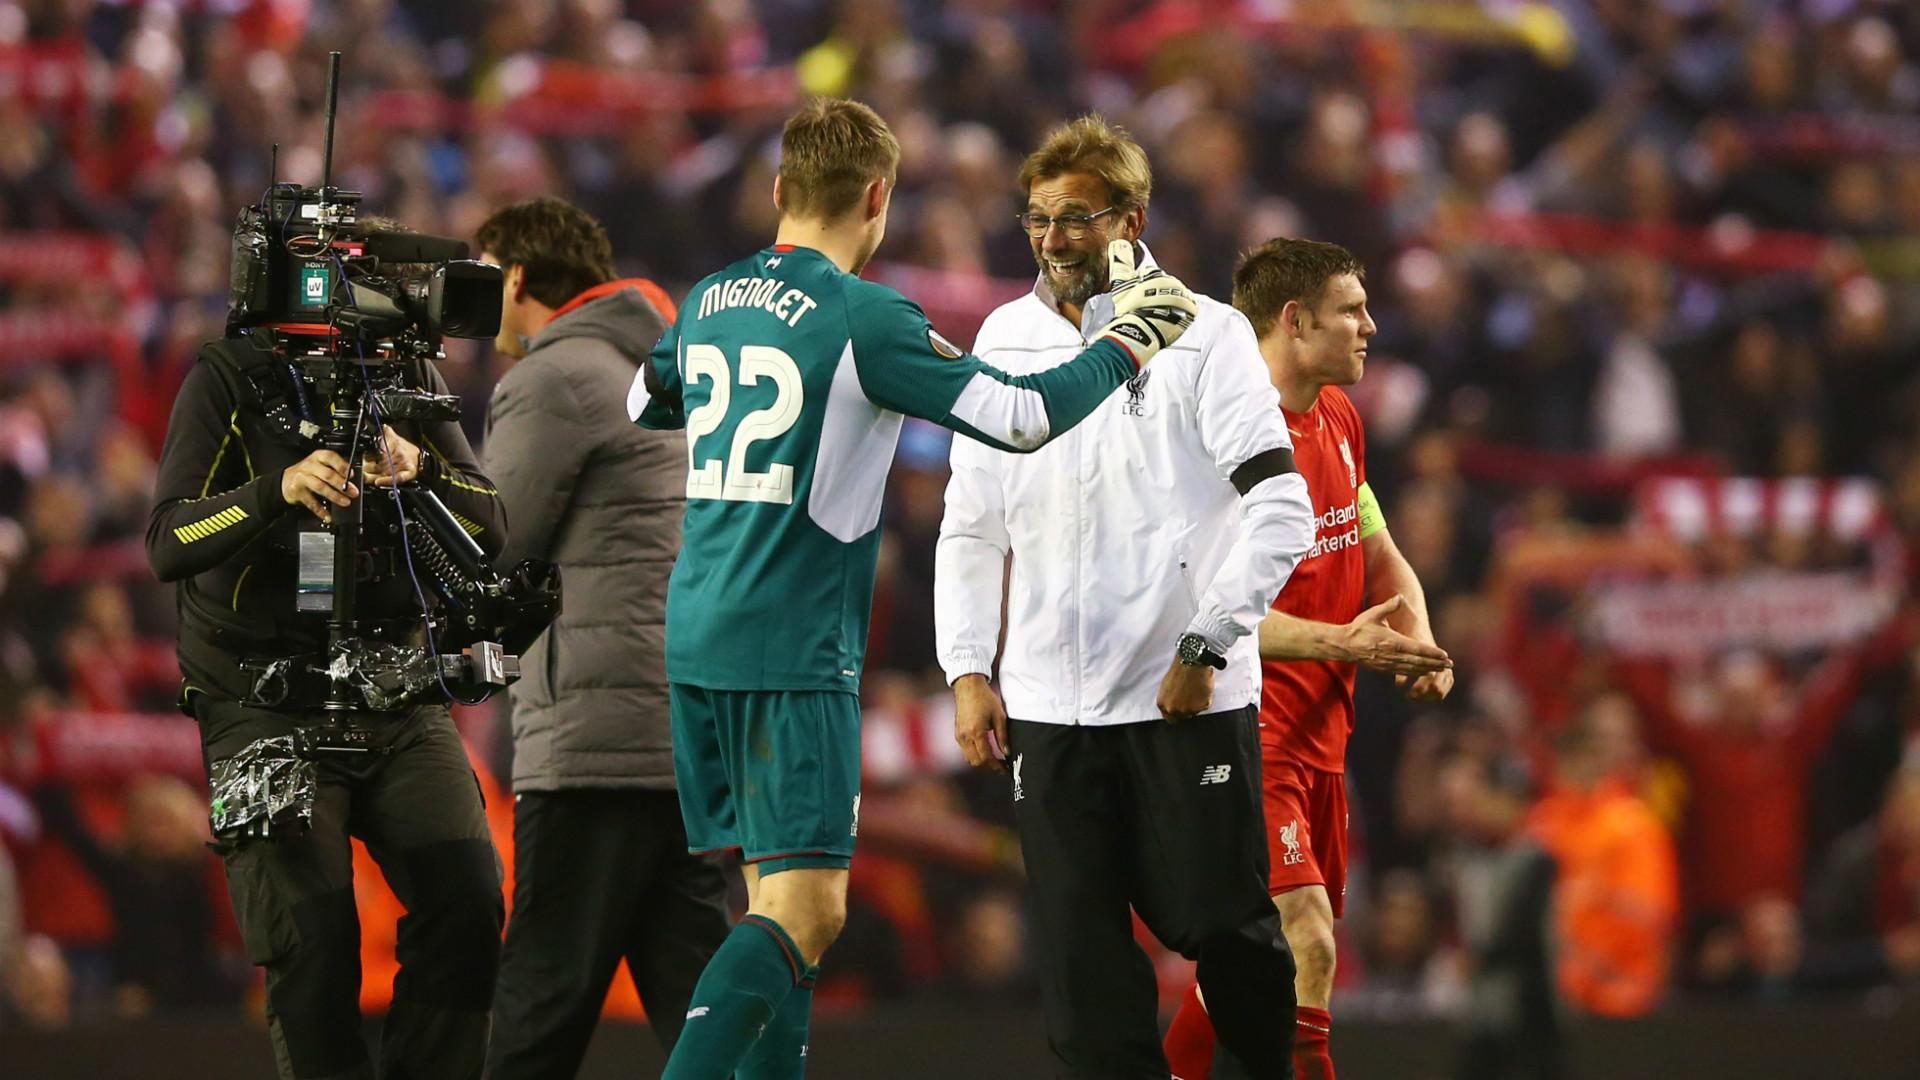 Finale Europa League, Liverpool-Siviglia in diretta e in chiaro su TV8